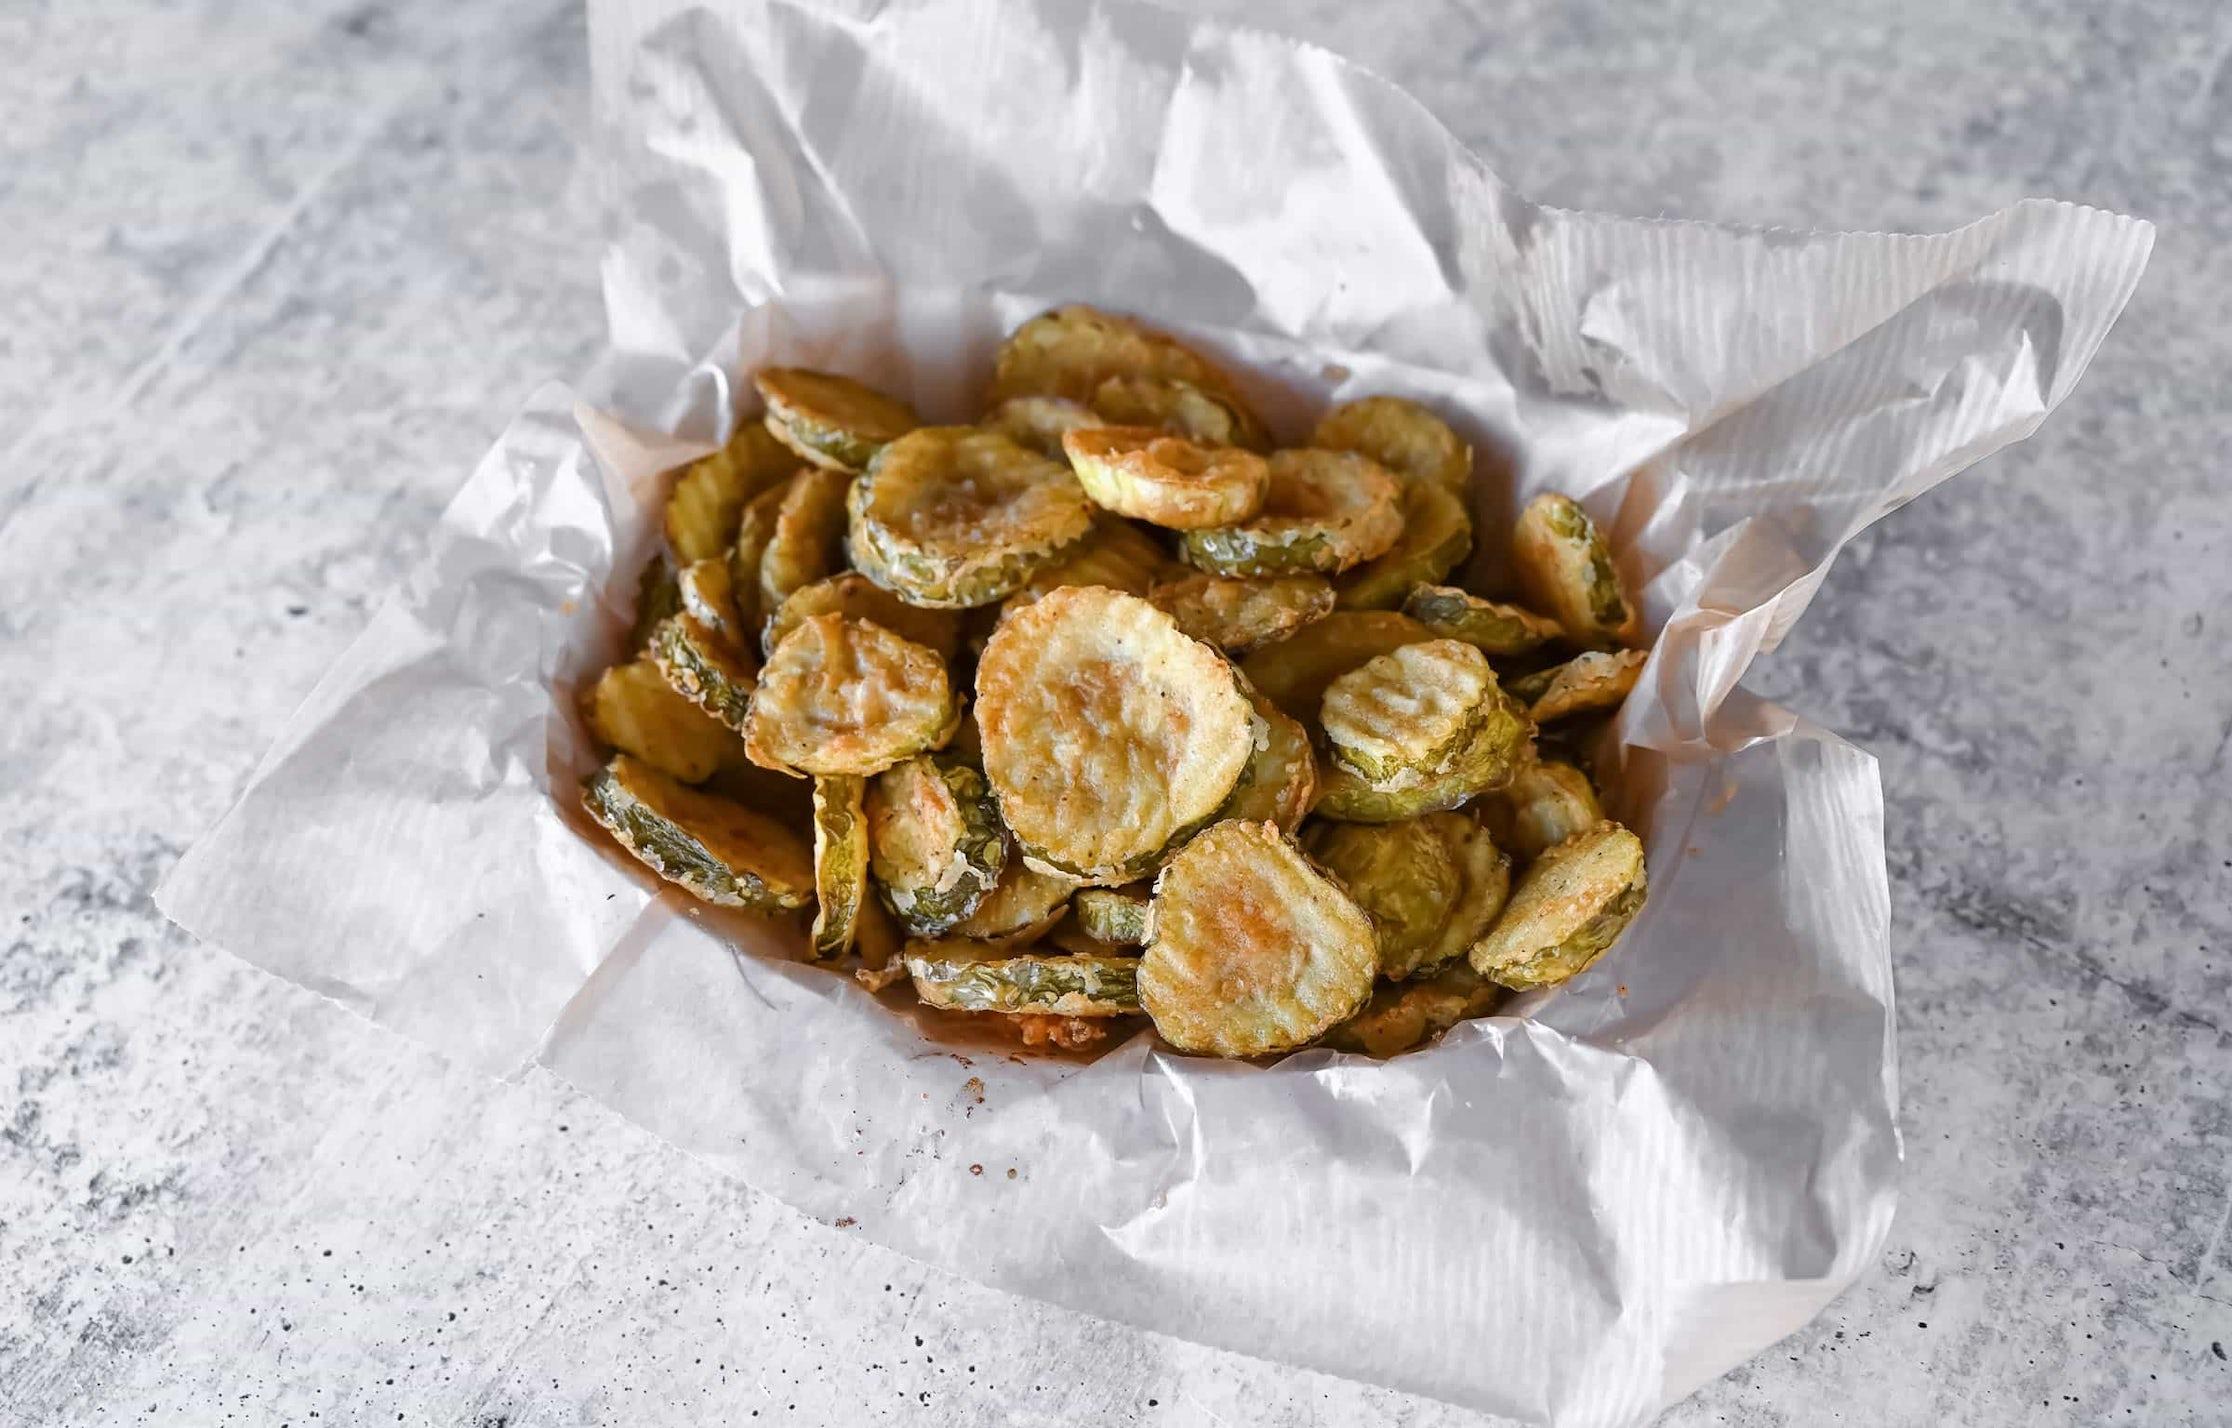 Basket of Fried Pickles